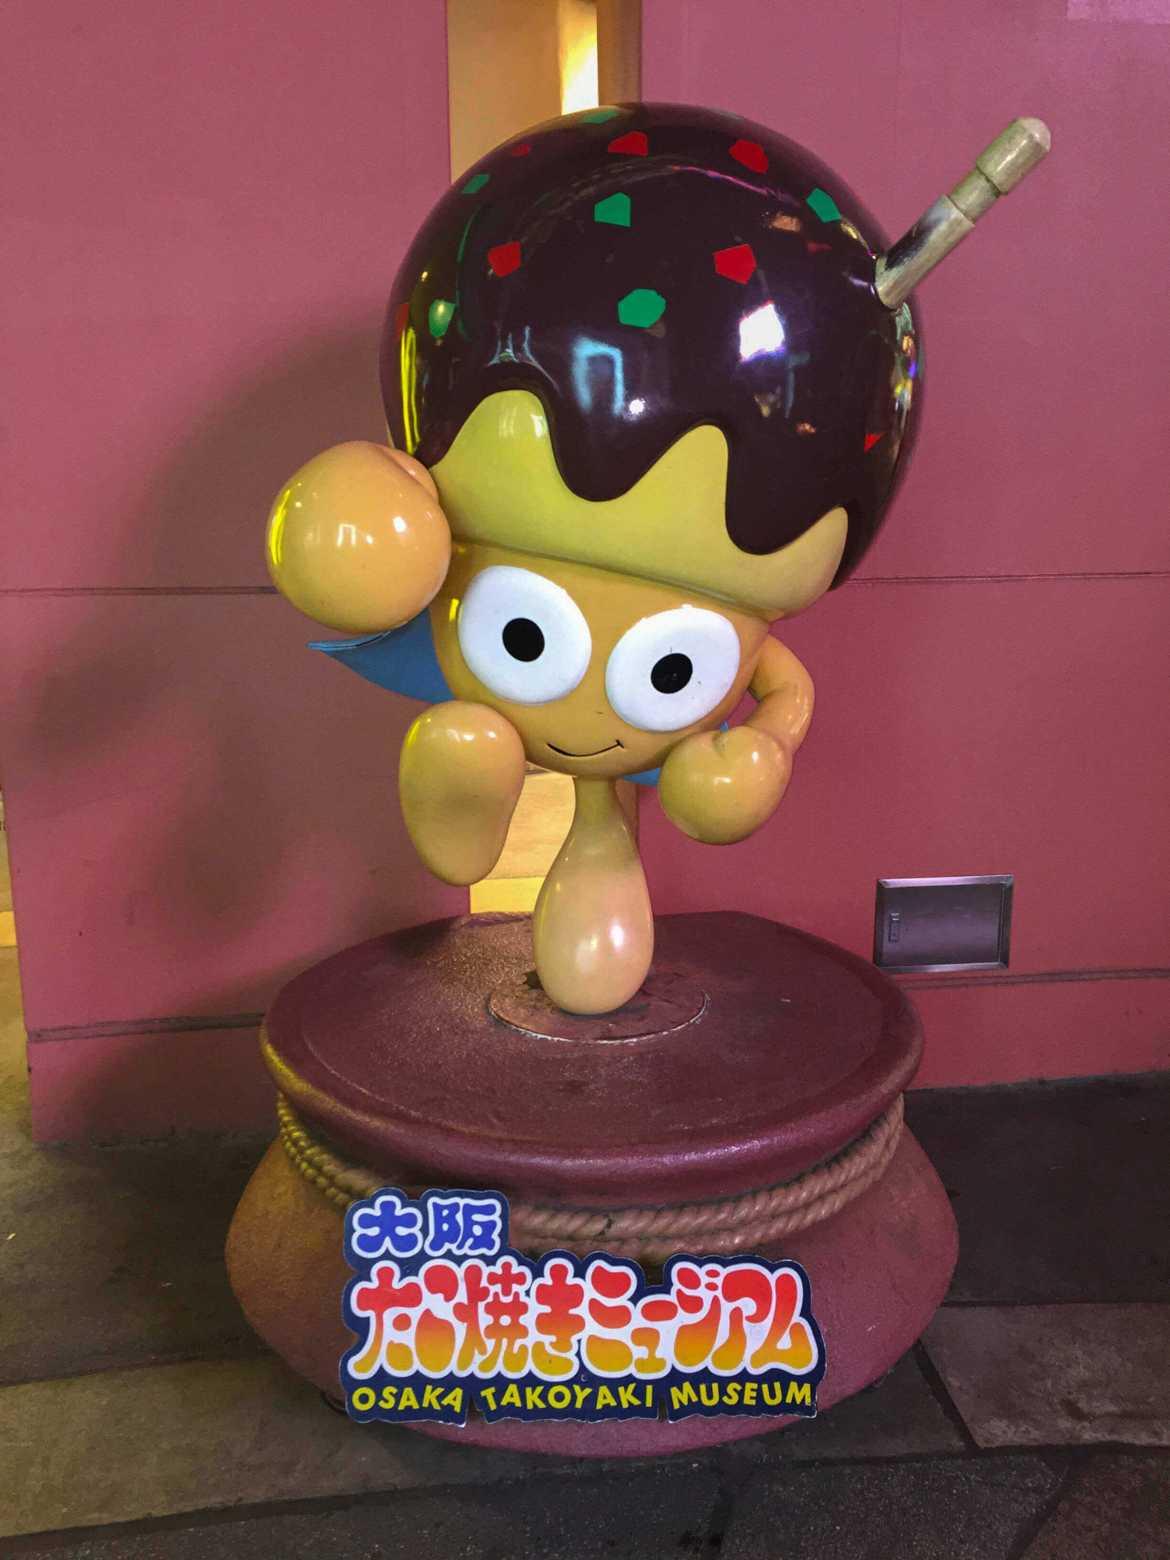 The mascot of Osaka Takoyaki Museum